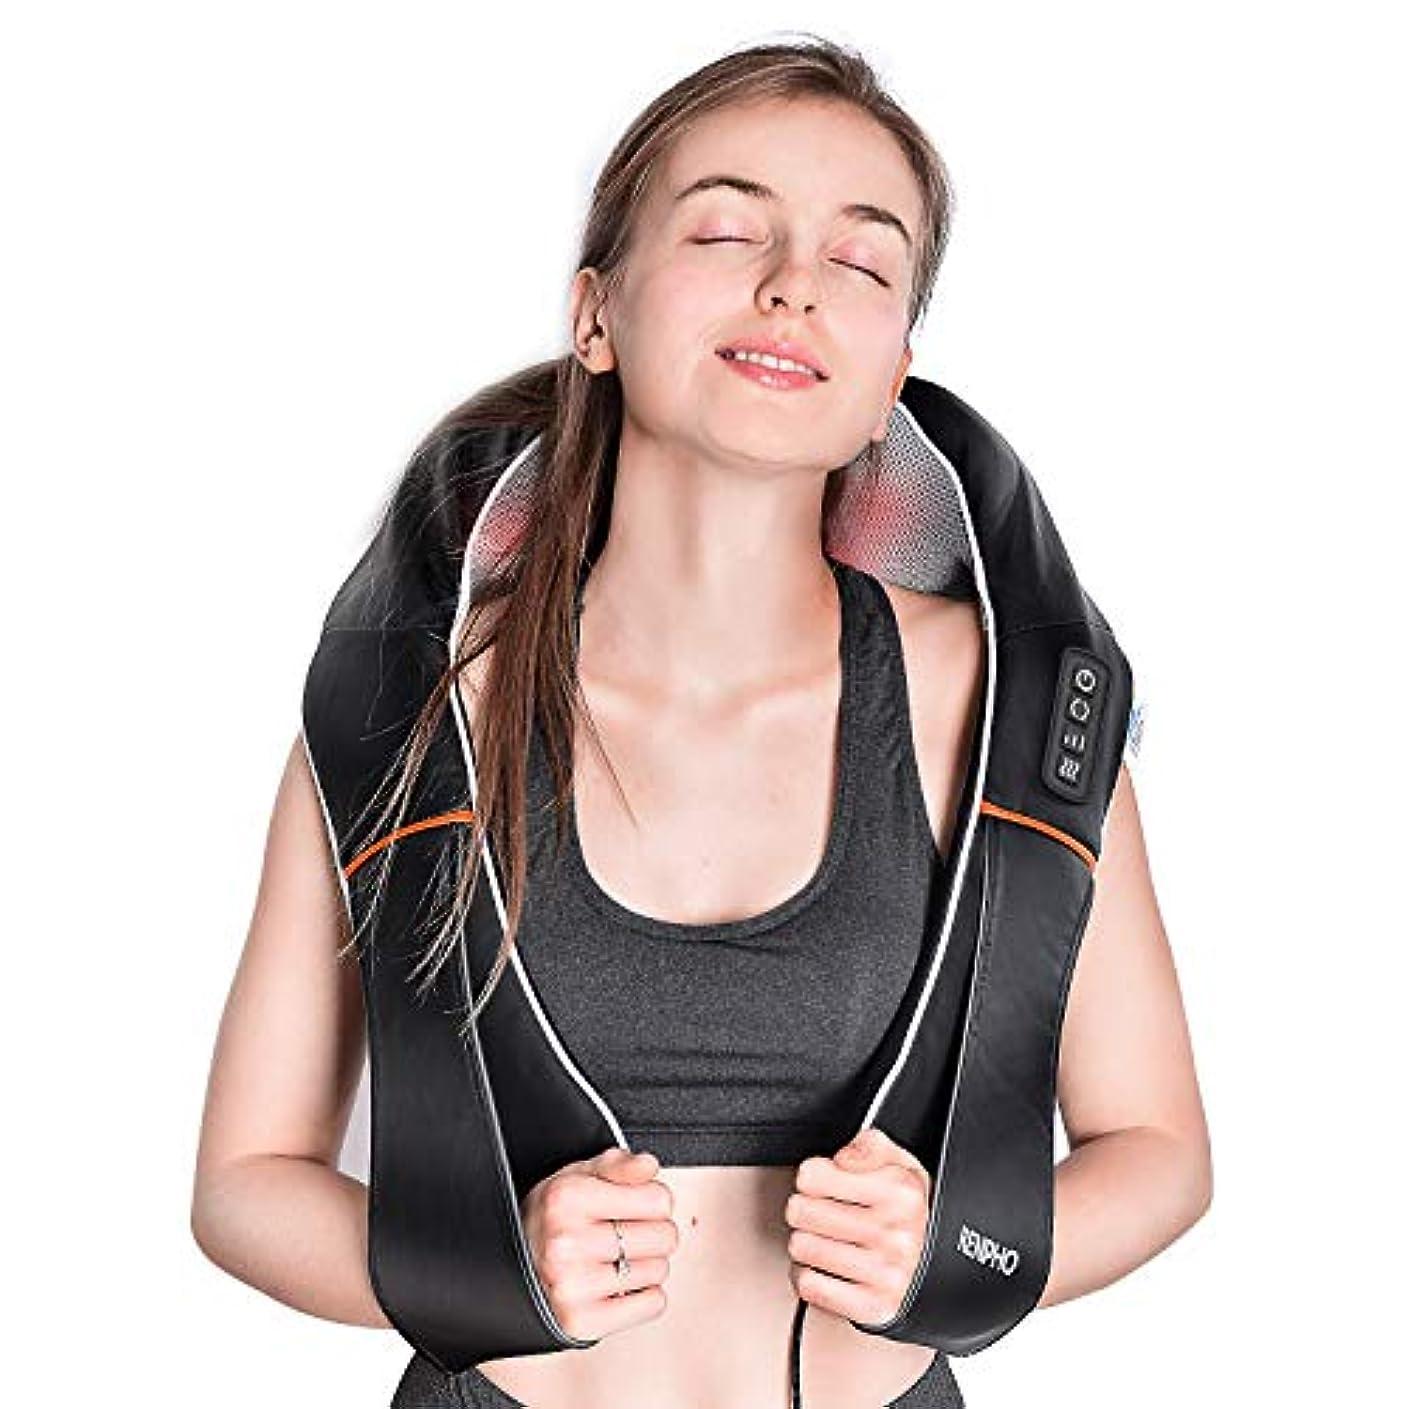 慢なモスク繁栄RENPHO Electric Shiatsu Neck and Back Massager with Heat and Vibration, Deep Tissue 3D Kneading Massage Pillow...